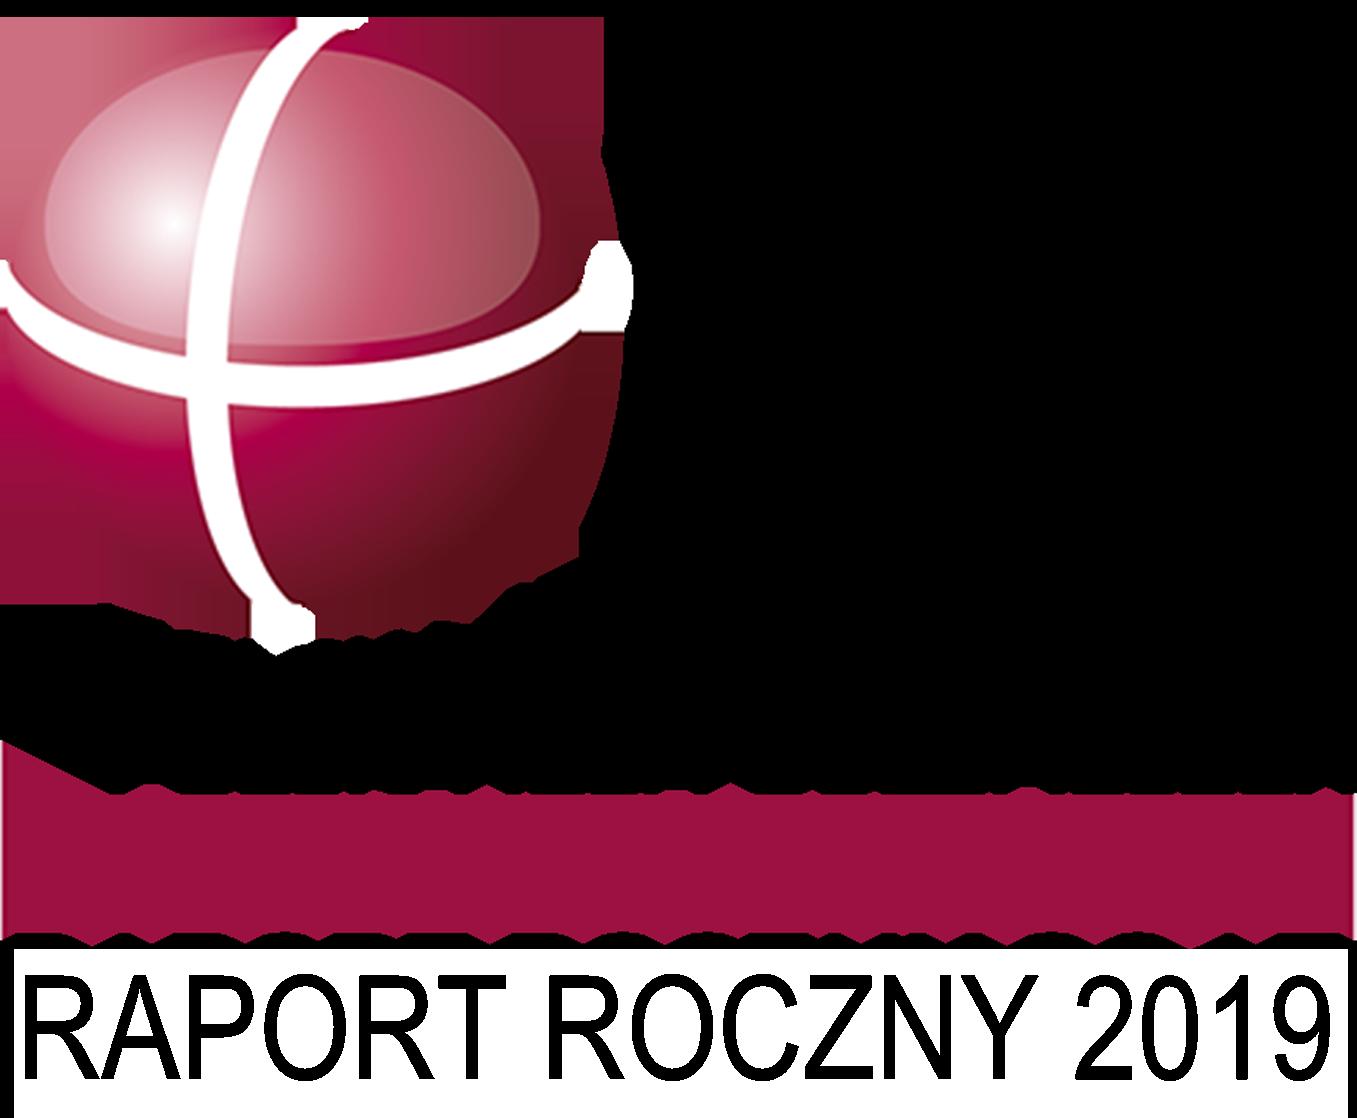 Logo Raport roczny 2019